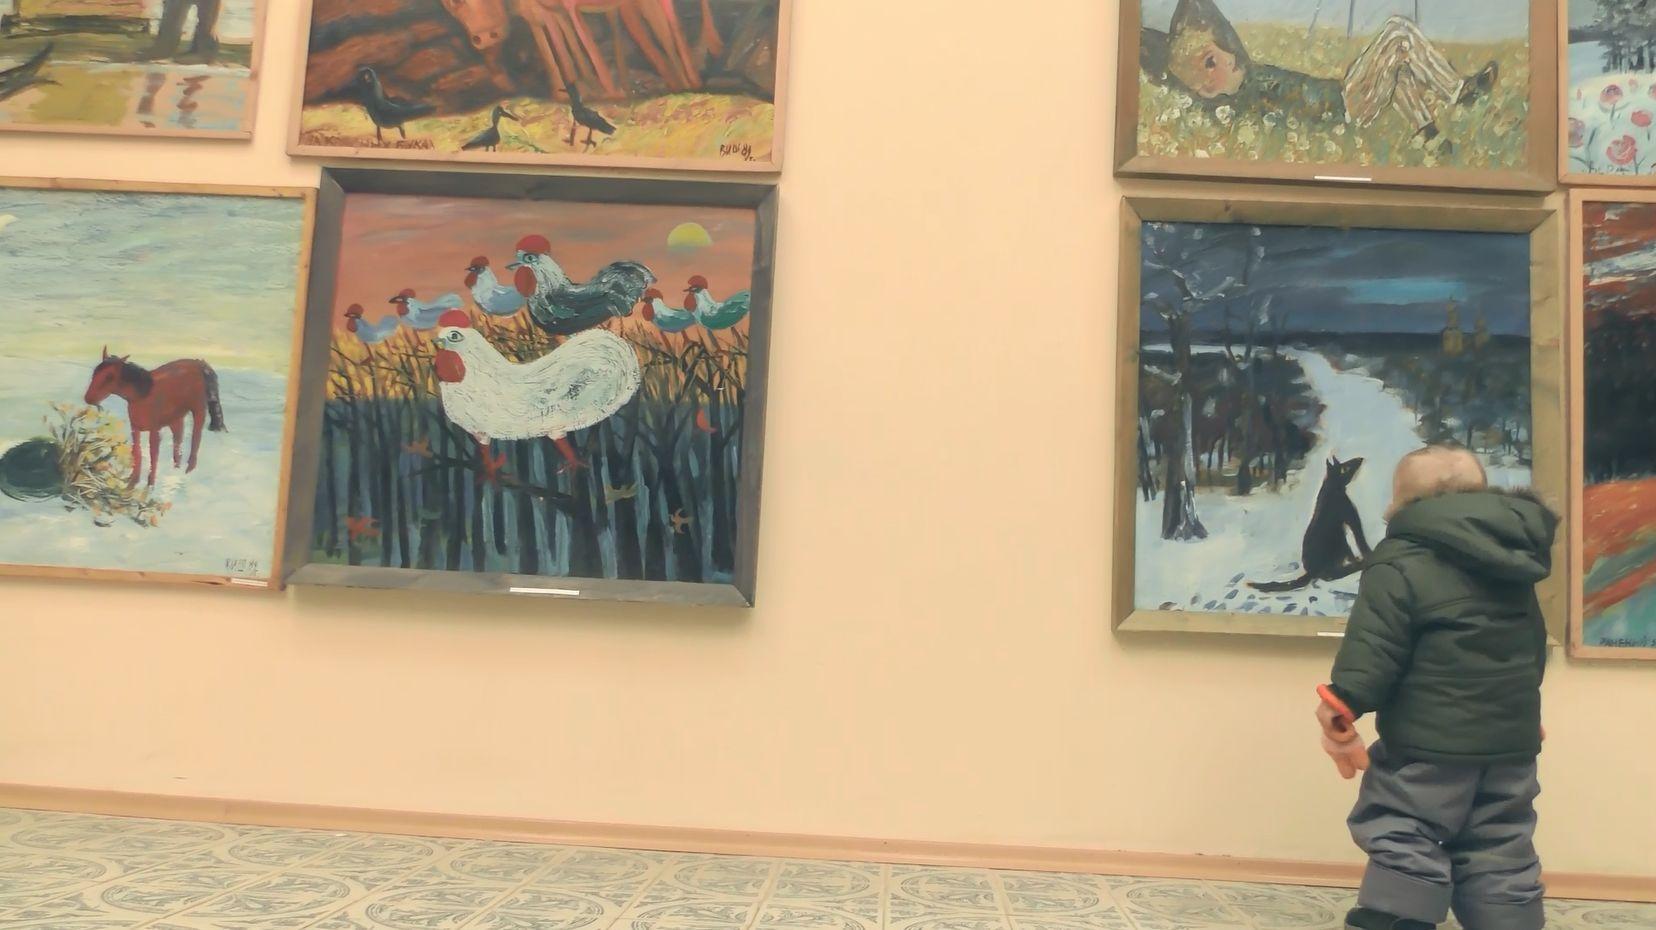 Ярославль: эпоха, люди, возрождение. Шесть картин Василия Шевченко (ч. 1)